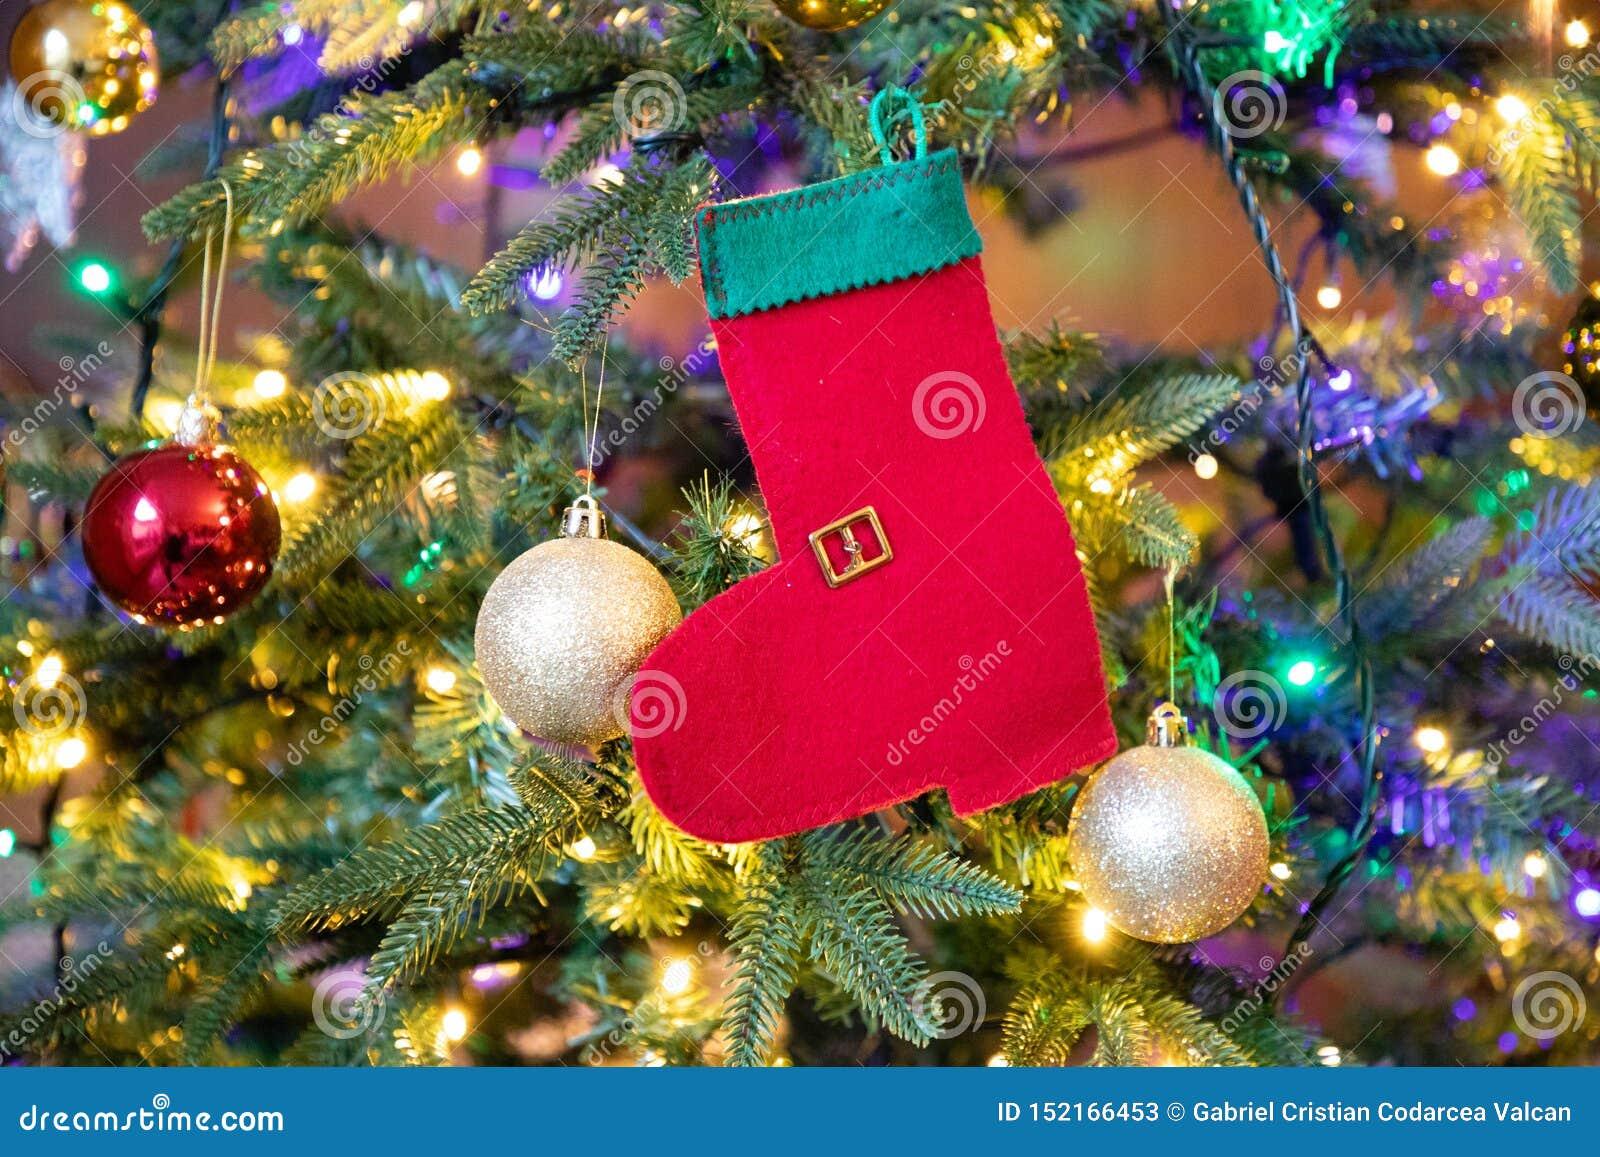 Rote und grüne Socke auf Weihnachtsbaumnahaufnahme